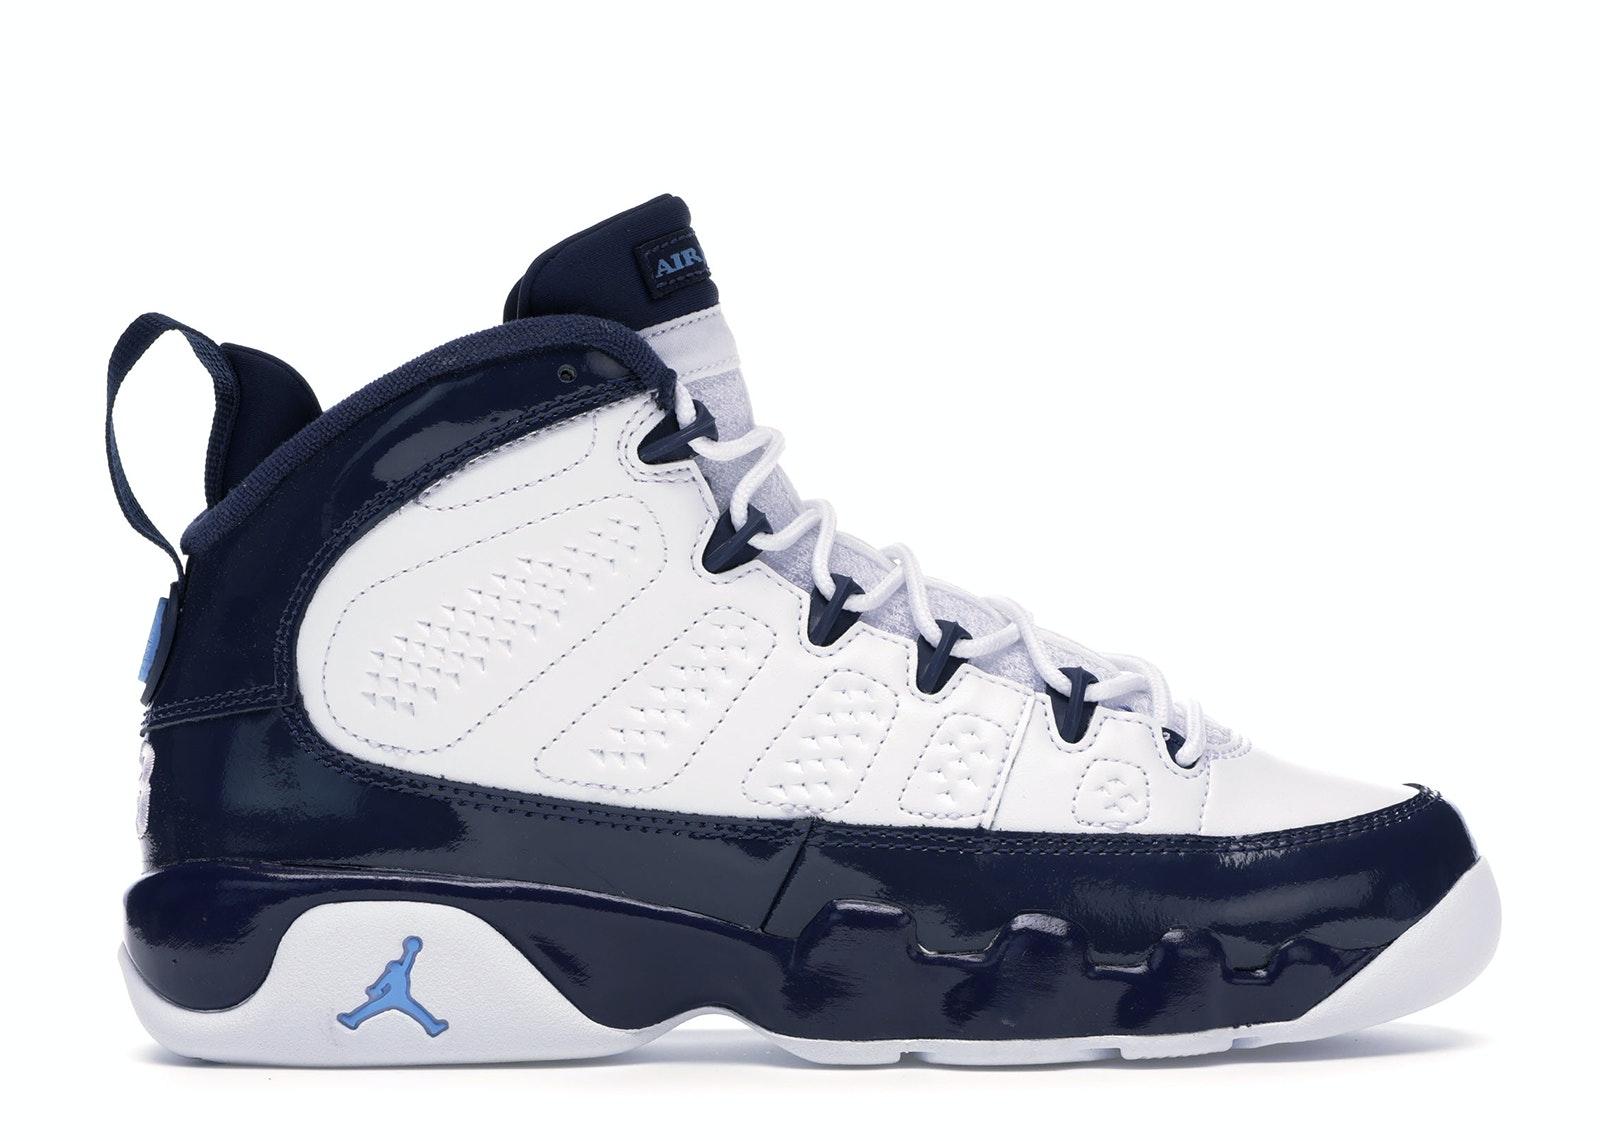 Jordan 9 Retro Pearl Blue (GS)